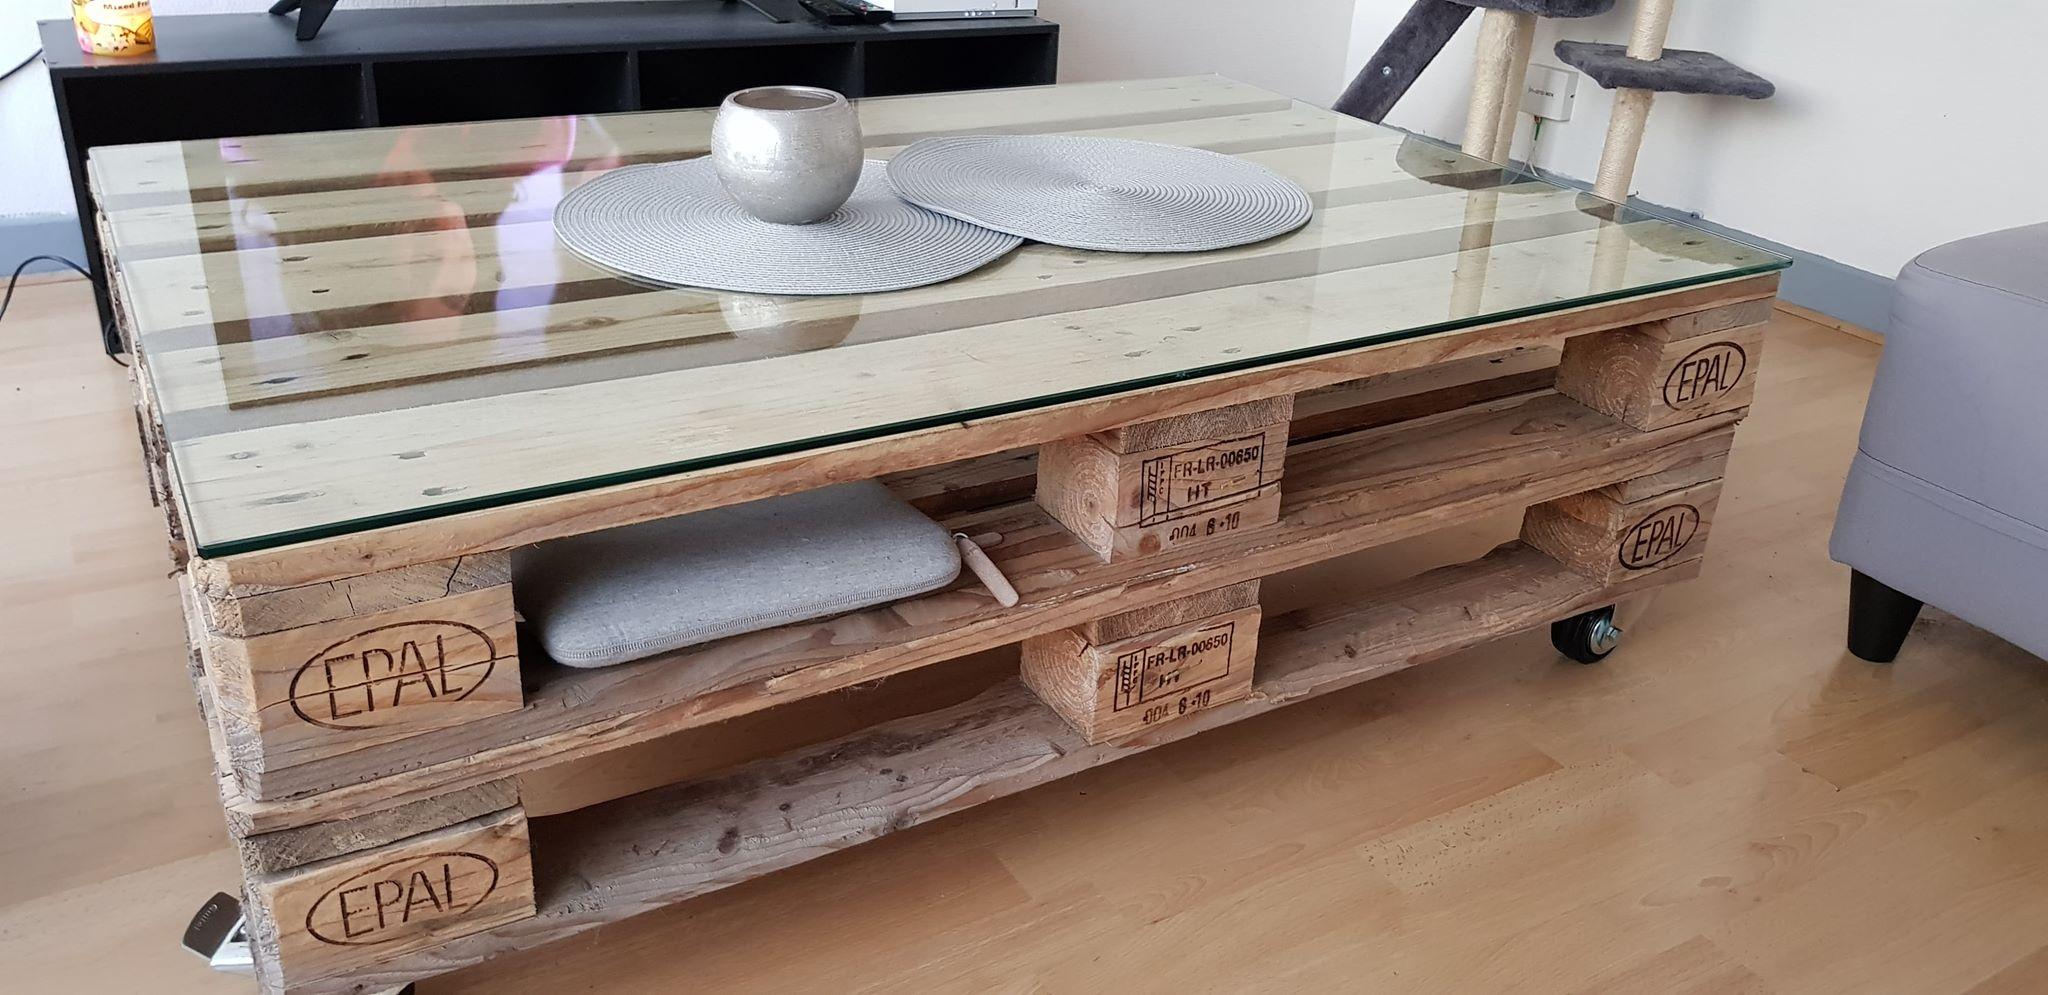 Table basse en palettes 1200x800 mm